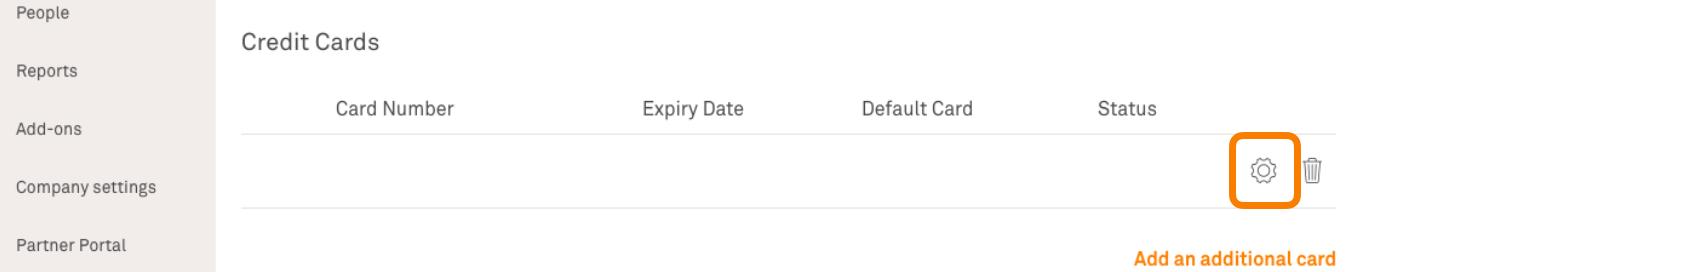 edit_creditcard.png